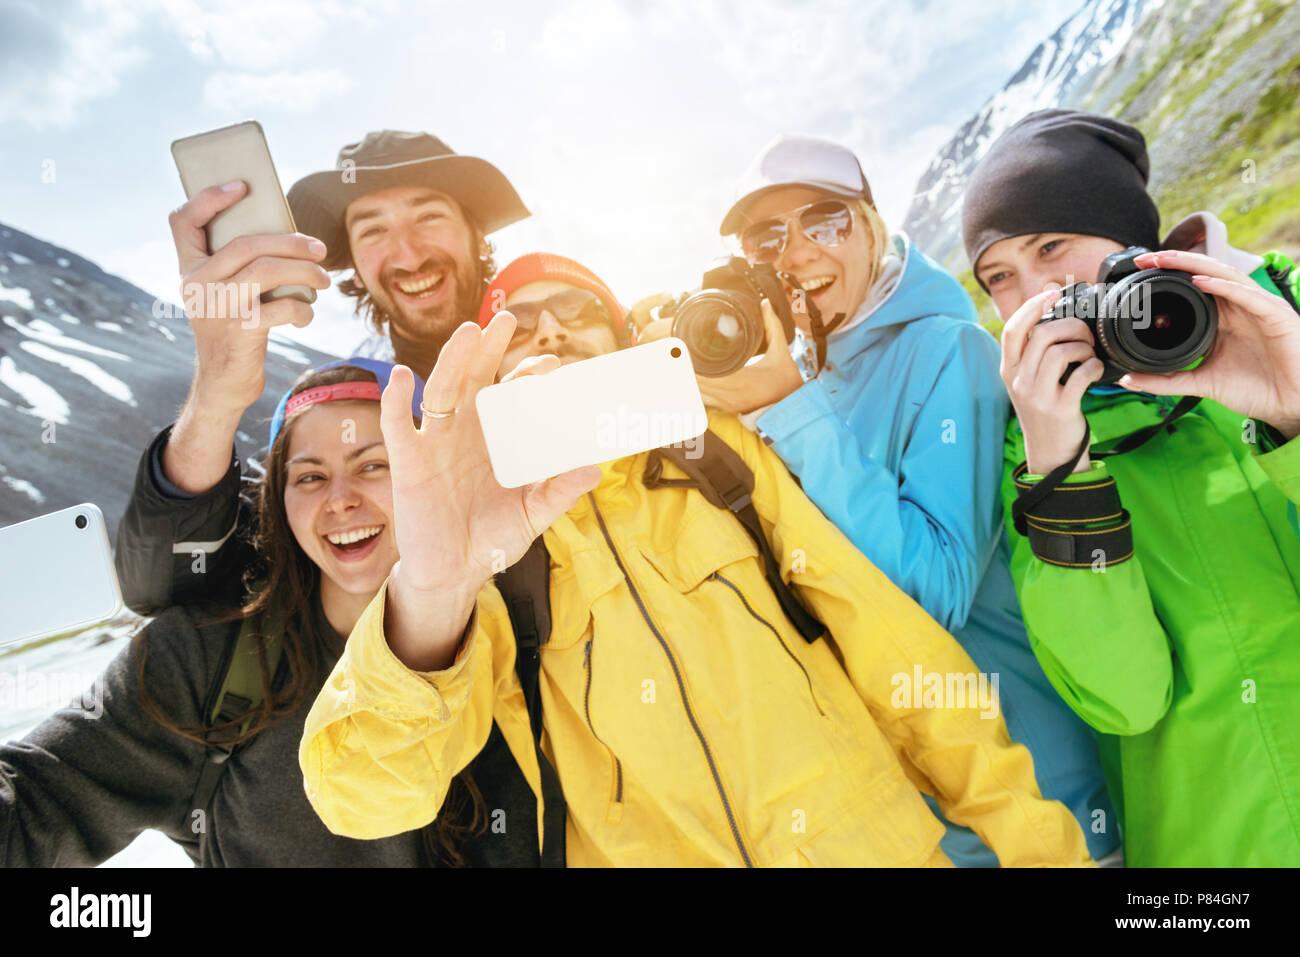 Gruppo happy amici turisti selfie foto Immagini Stock